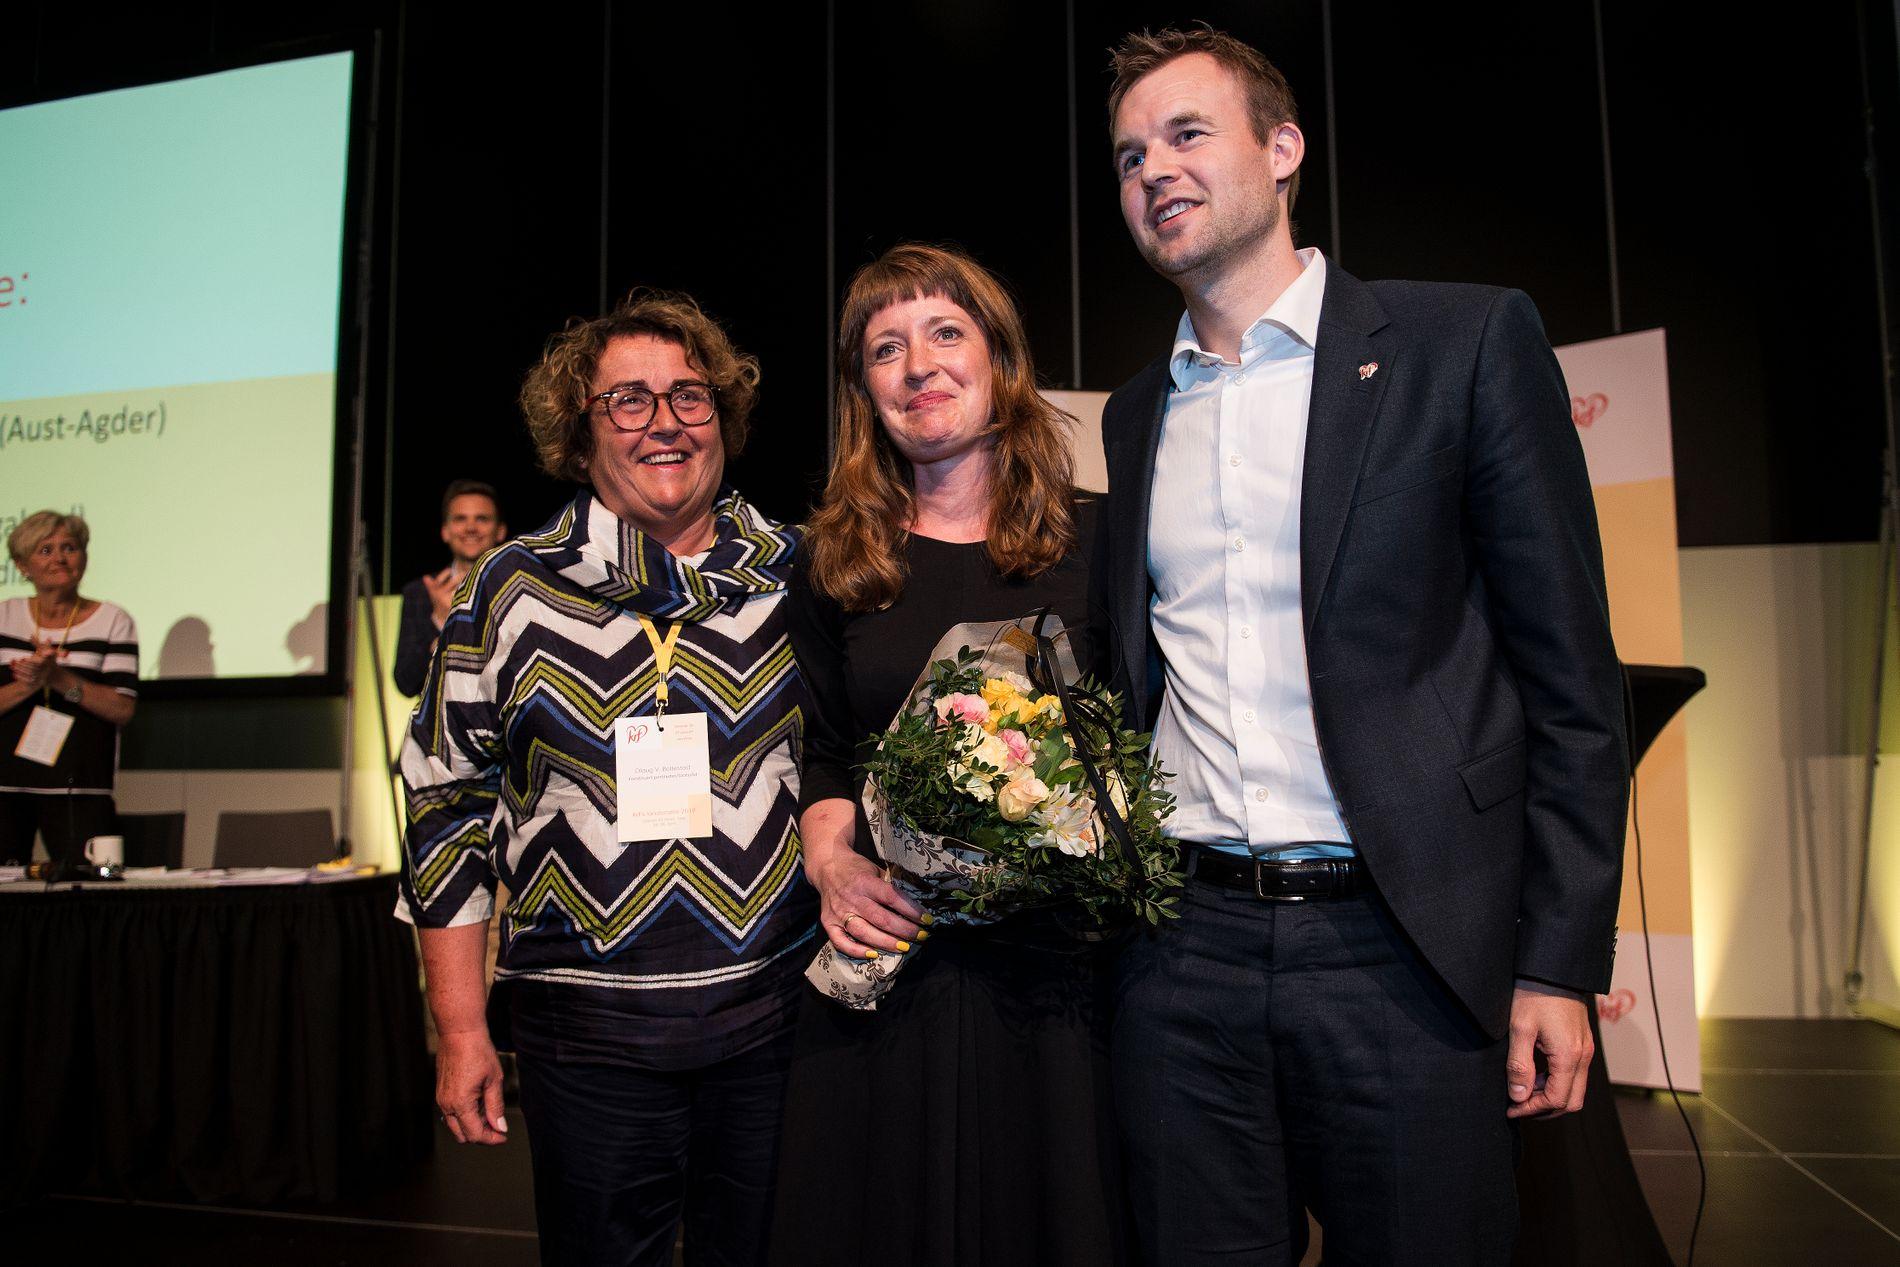 NY LEDELSE: Kristelig folkepartis nye ledertrio. Fra venstre: nestleder Olaug Bollestad, nestleder Ingelin Noresjø og partileder Kjell Ingolf Ropstad.